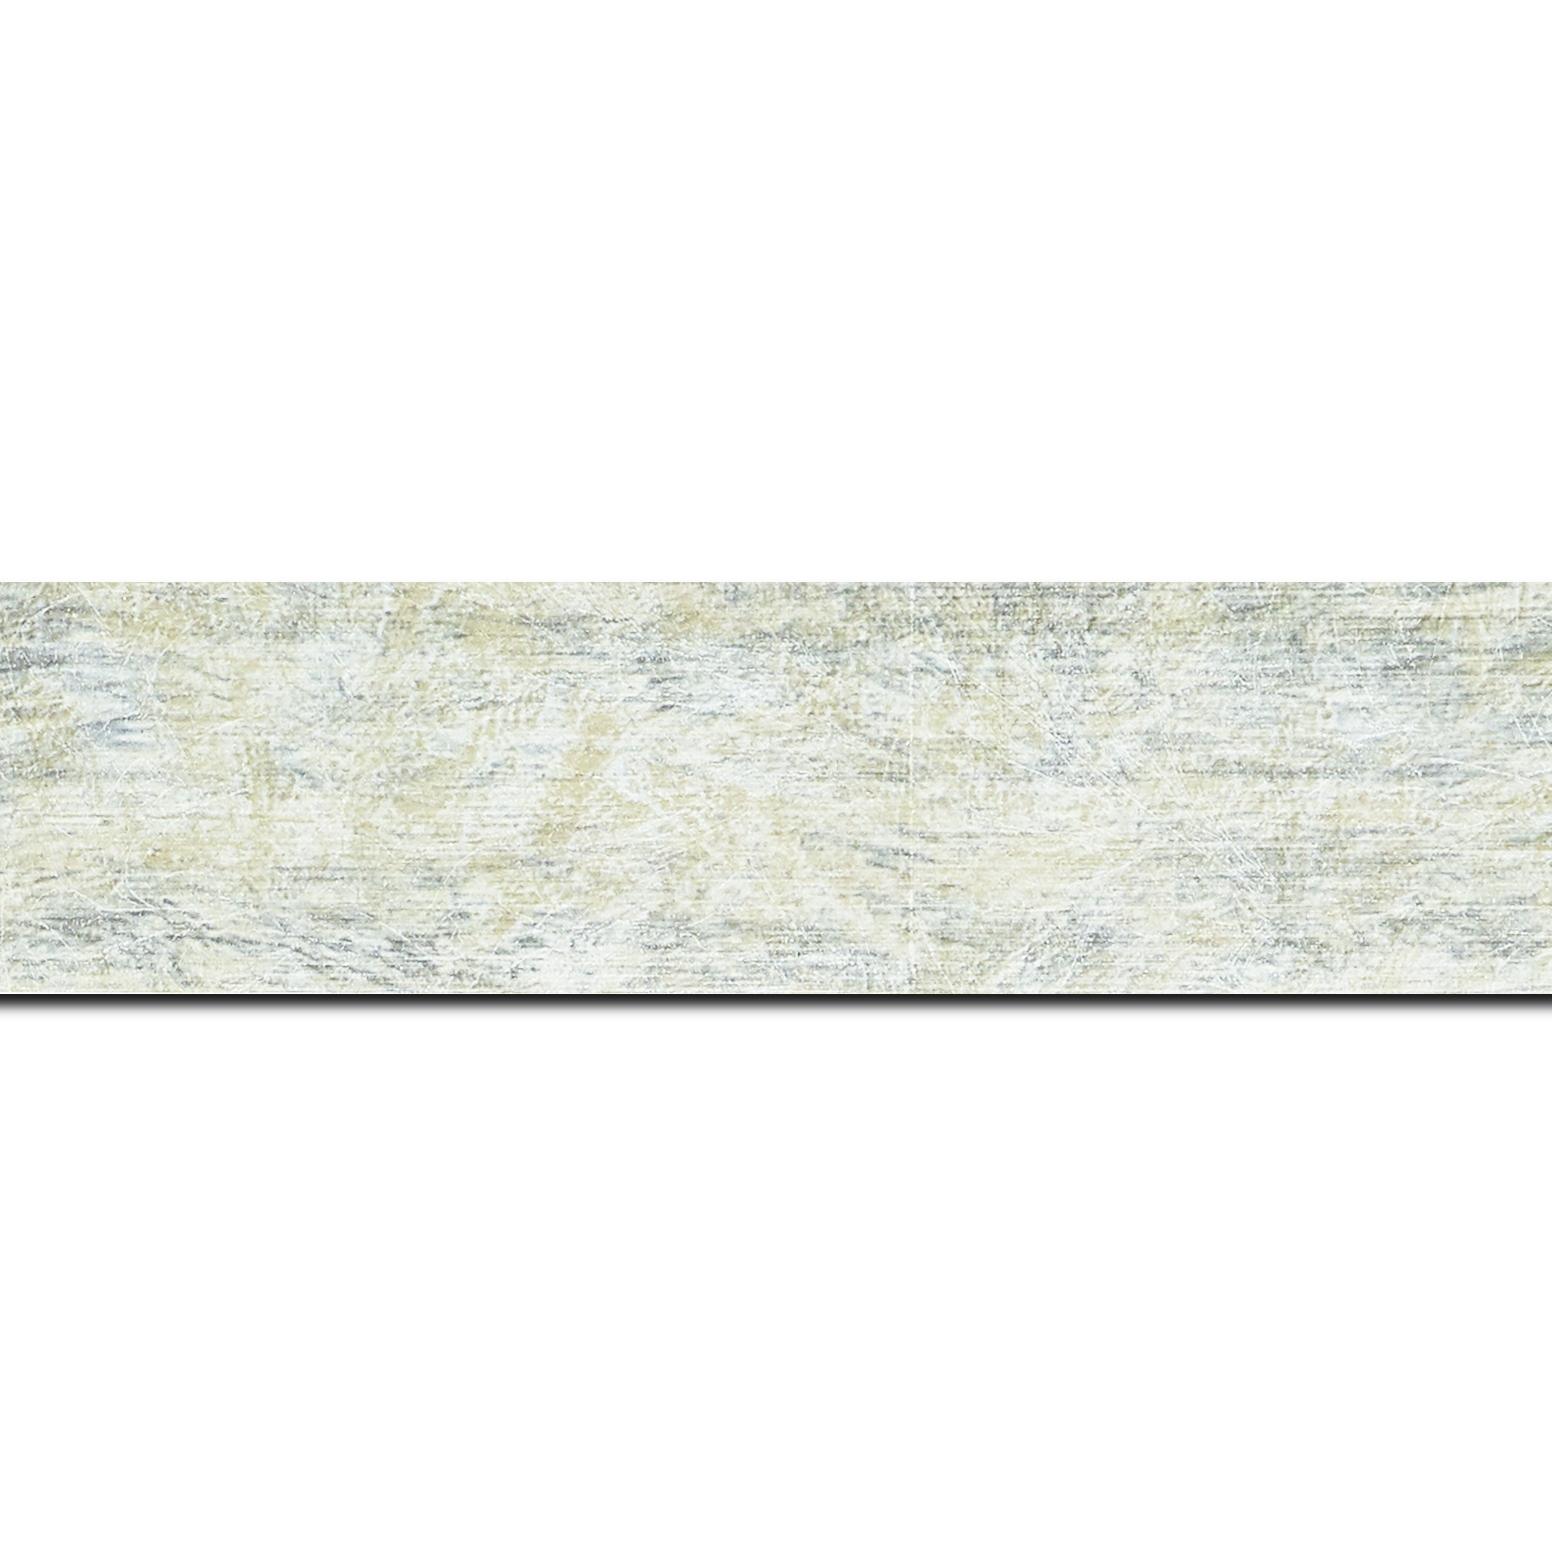 Pack par 12m, bois profil plat largeur 4cm argent chaud effet marbré(longueur baguette pouvant varier entre 2.40m et 3m selon arrivage des bois)